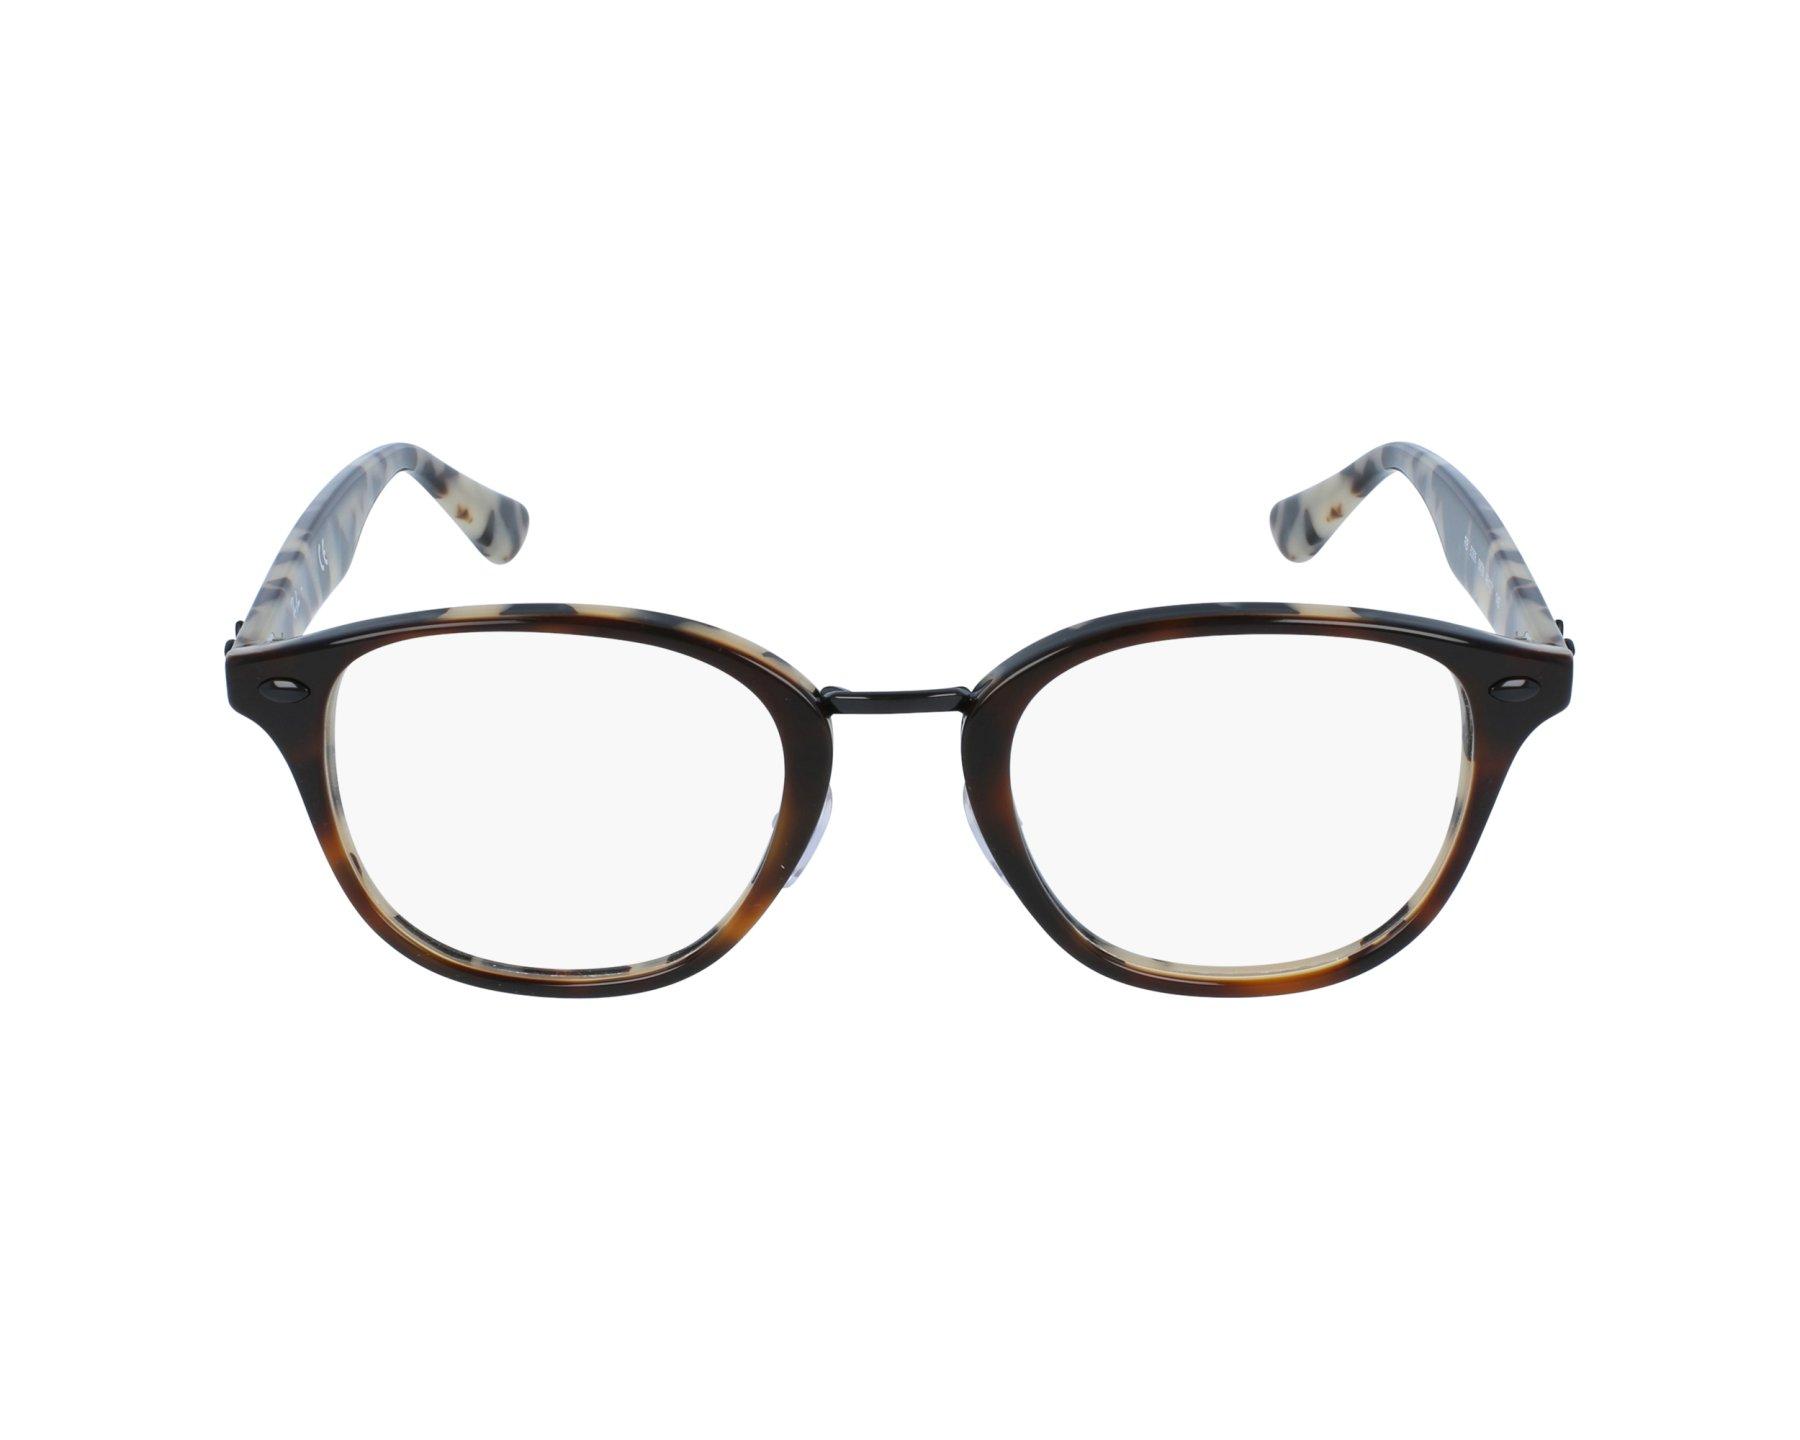 9e89b0092b eyeglasses Ray-Ban RX-5355 5676 50-21 Brown Brown profile view